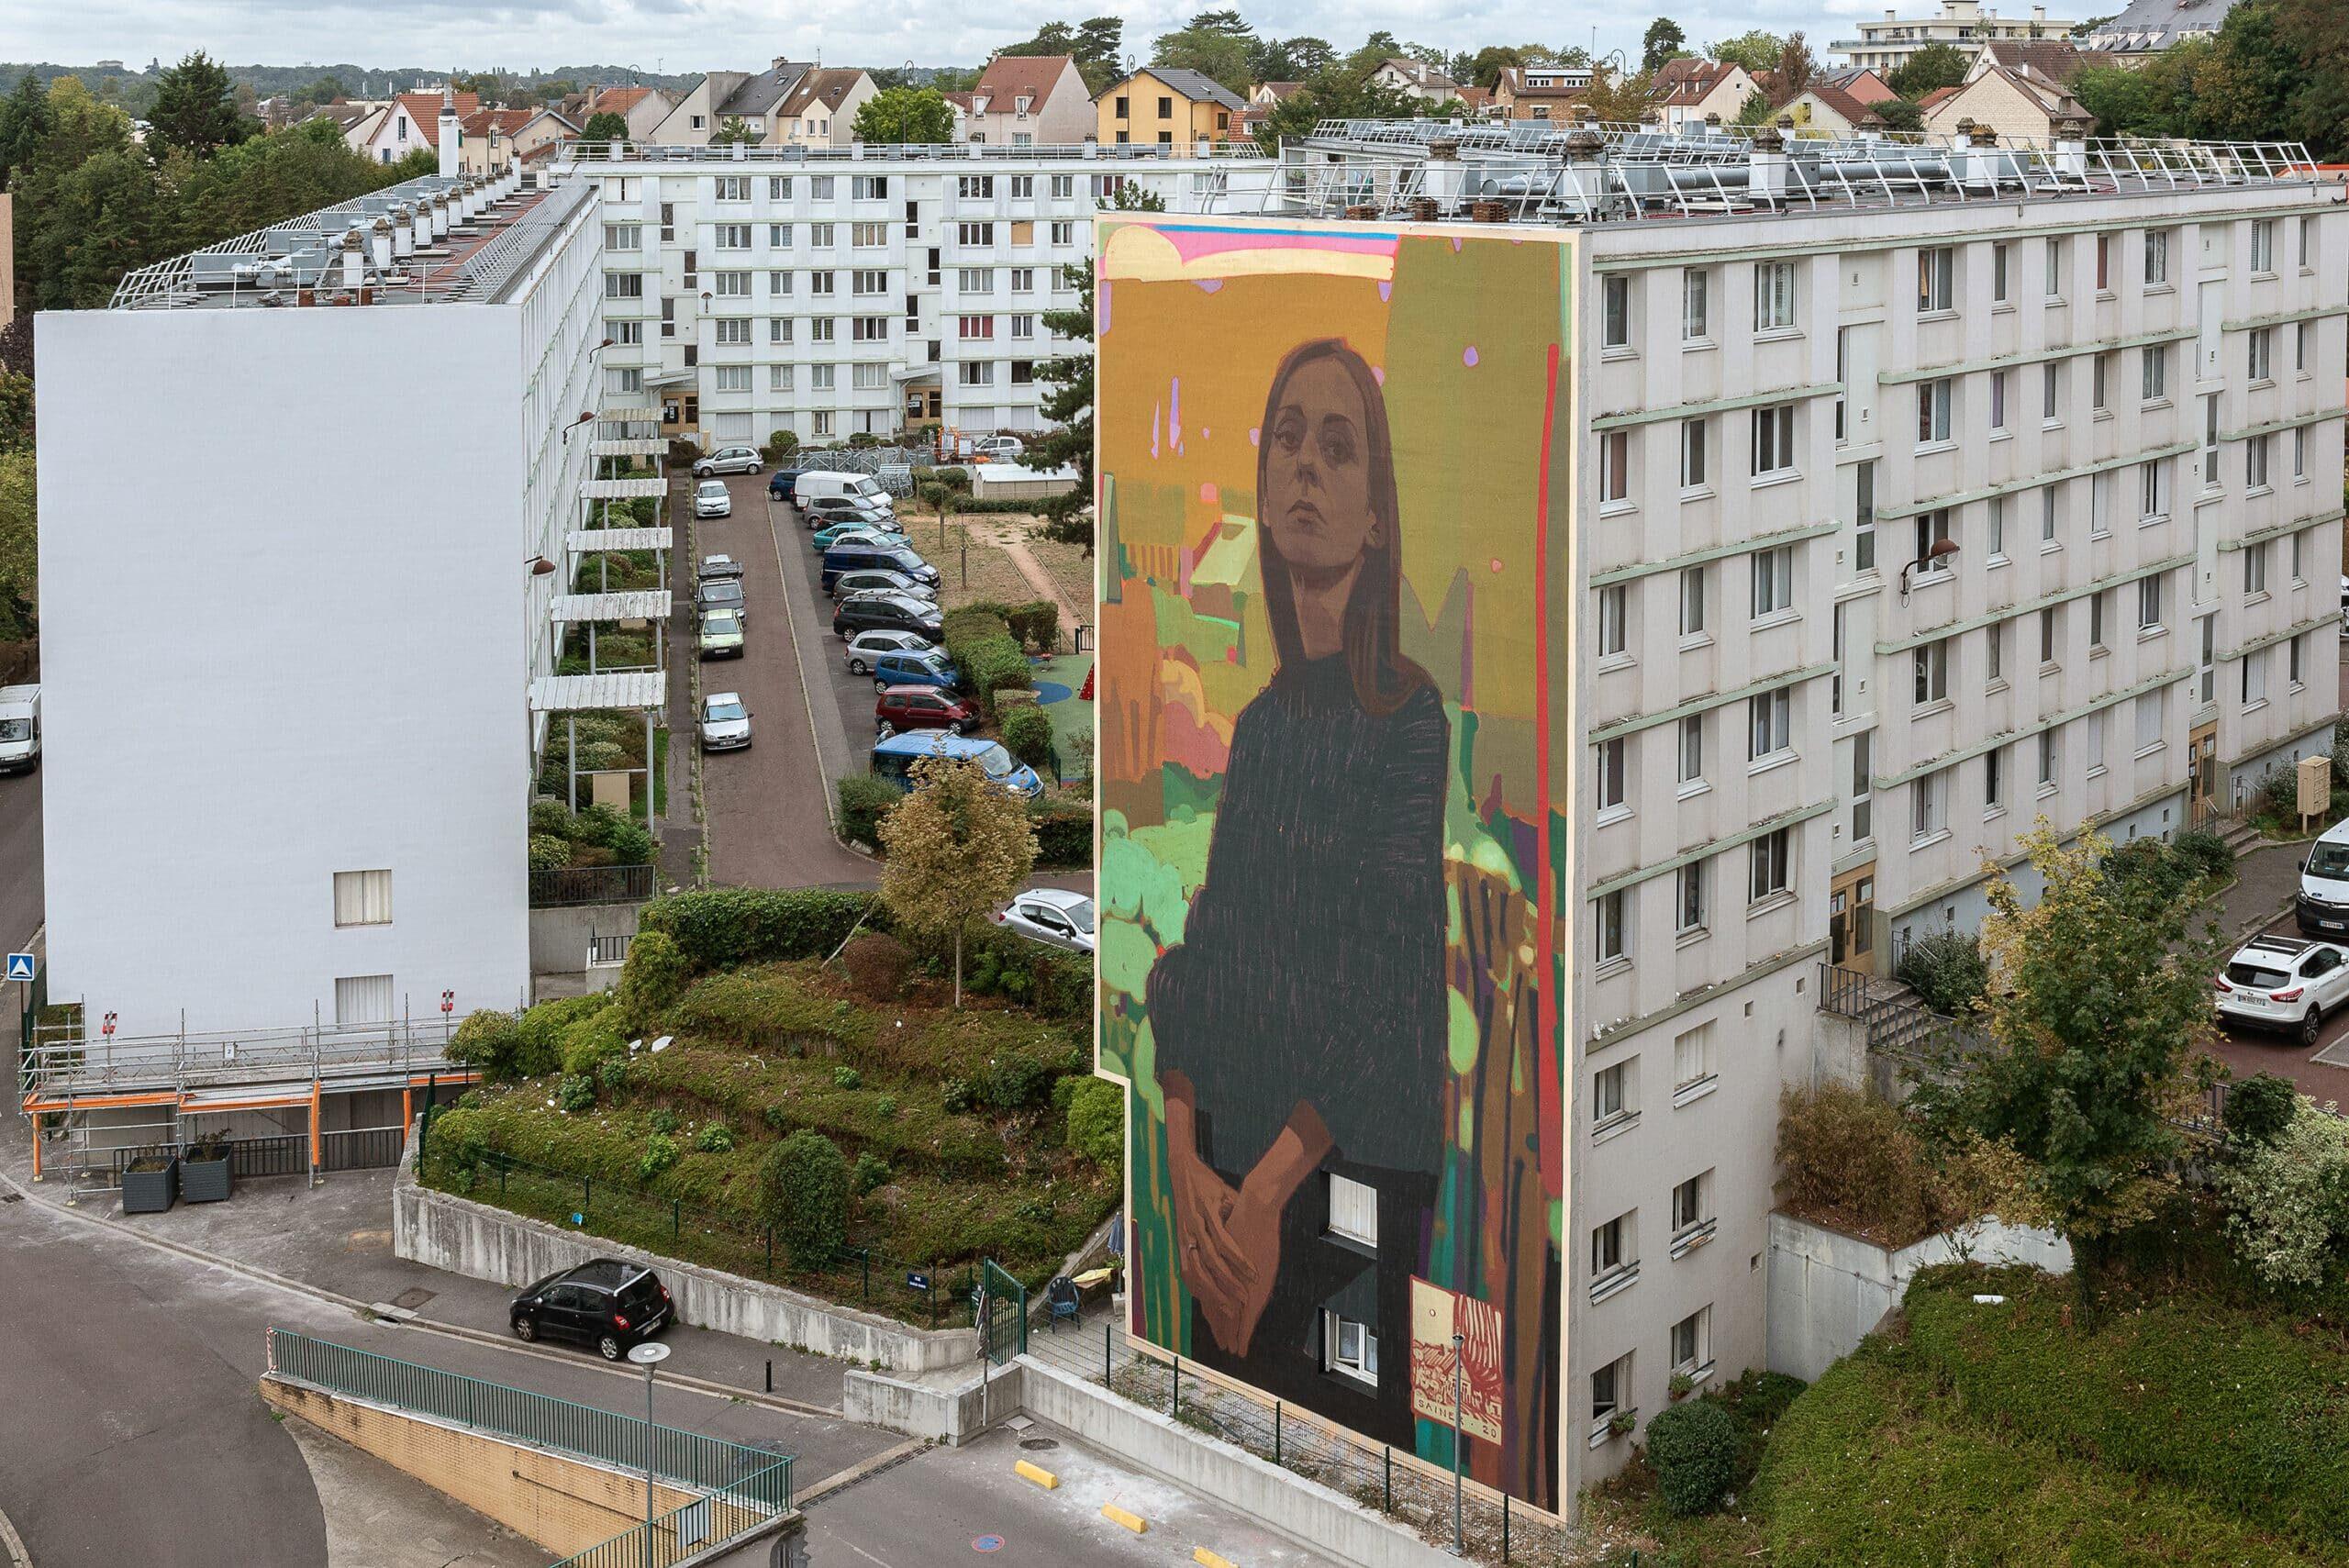 Opération Street Art : PROJET #1096 VERSAILLES